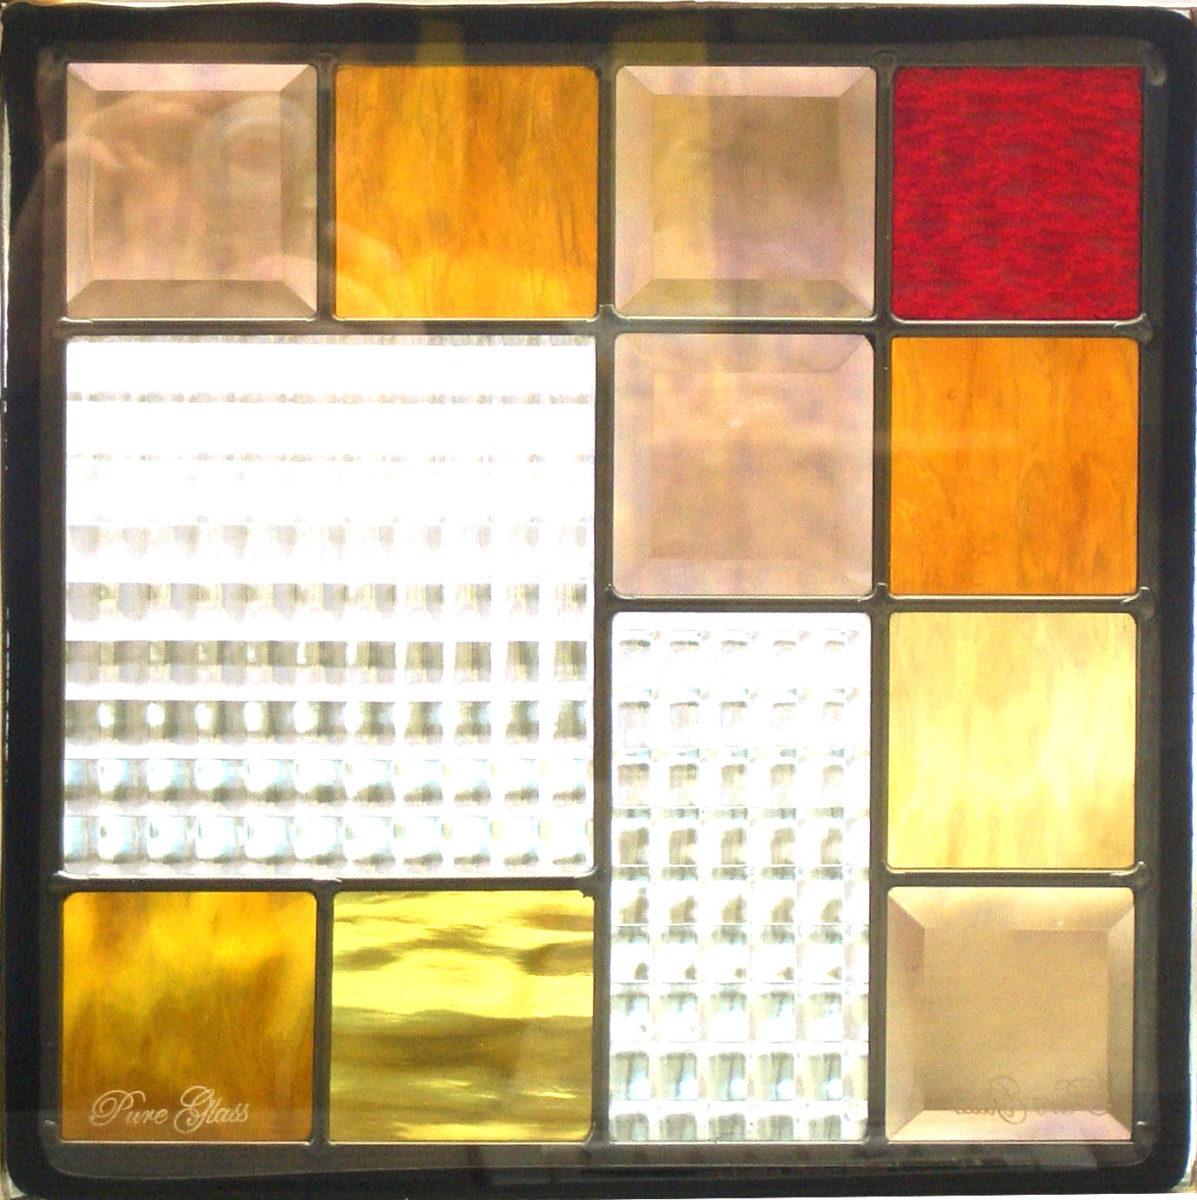 【送料無料】ステンドグラス ピュアグラス SH-E03 【ステンドガラス/ガラス/ランプ/シート/照明/北欧/おしゃれ/アンティーク/取り付け/DIY/ドア/窓/リビング/浴室/玄関/日除け/目隠し/室内/屋内/シンプル/モダン/四角】